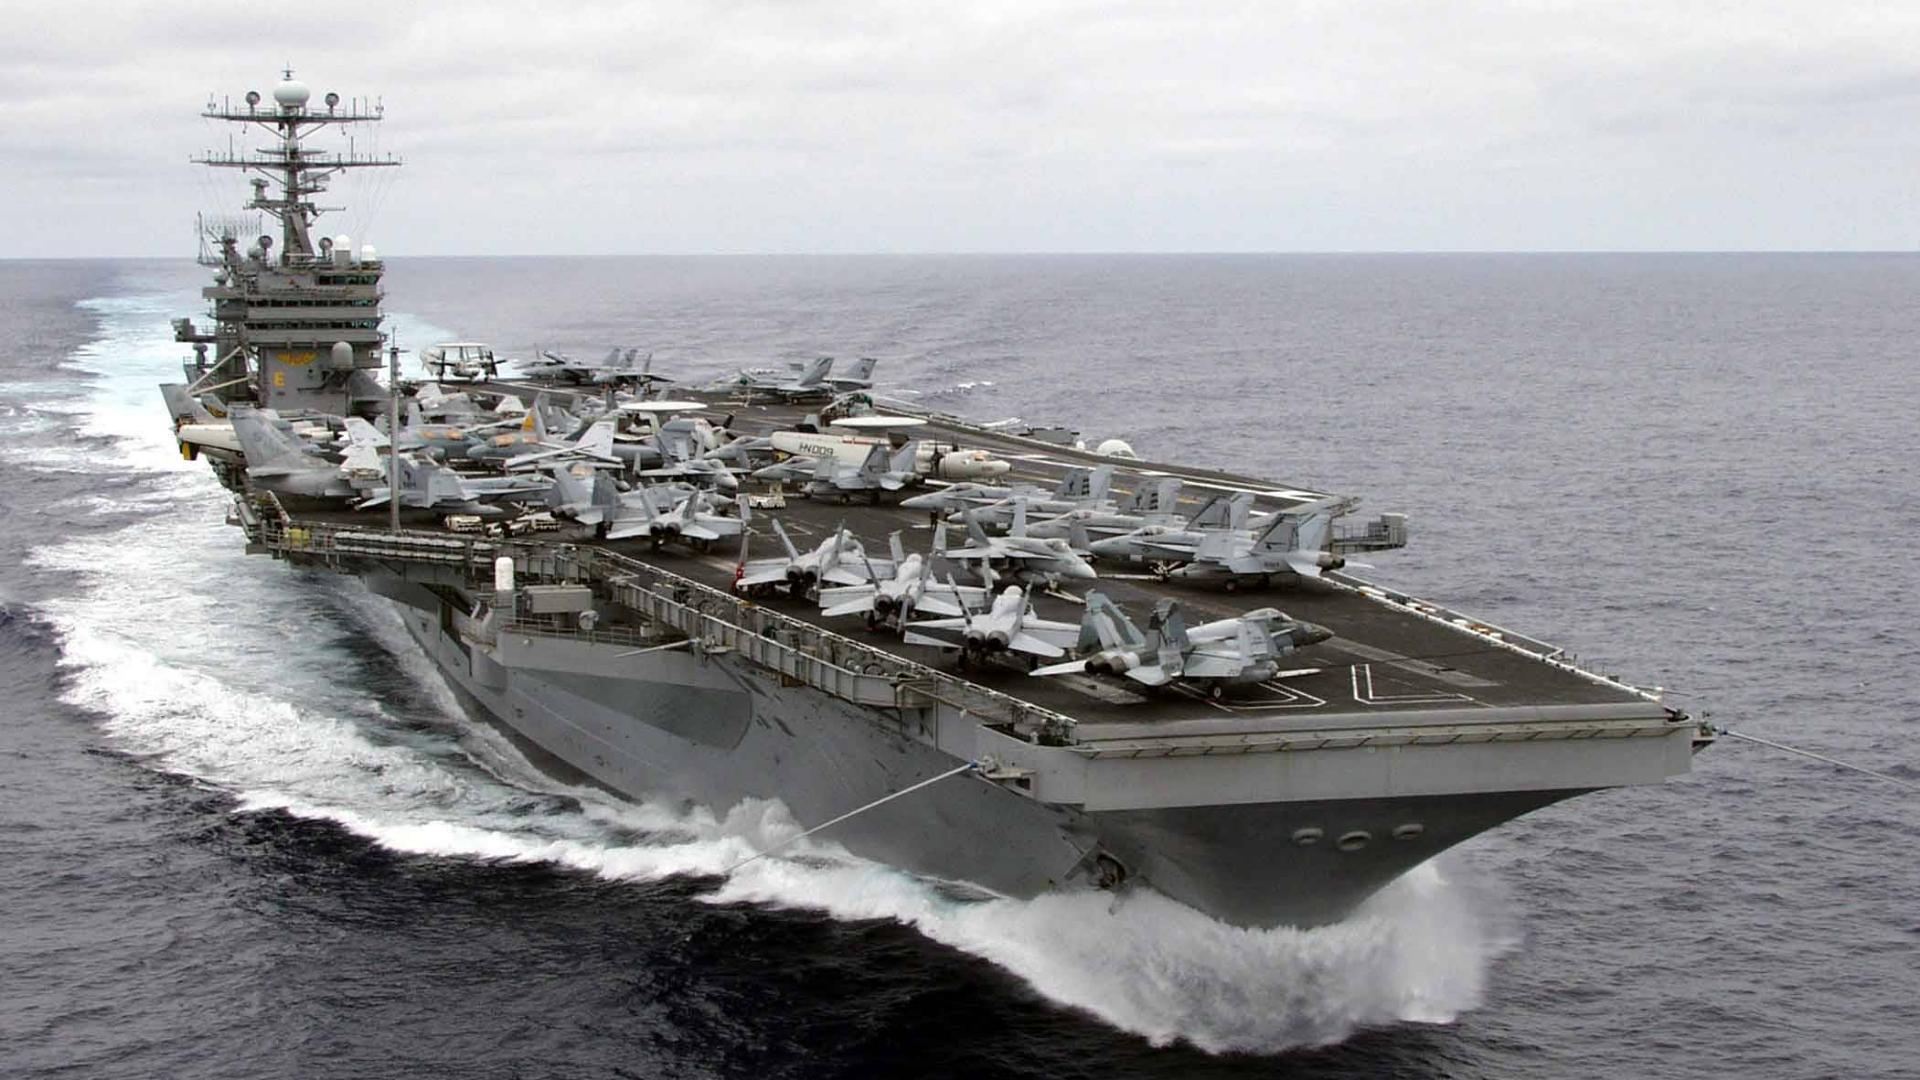 """为中国""""蹚雷""""了?美国最新航母教训不断,中国能学到什么经验?"""